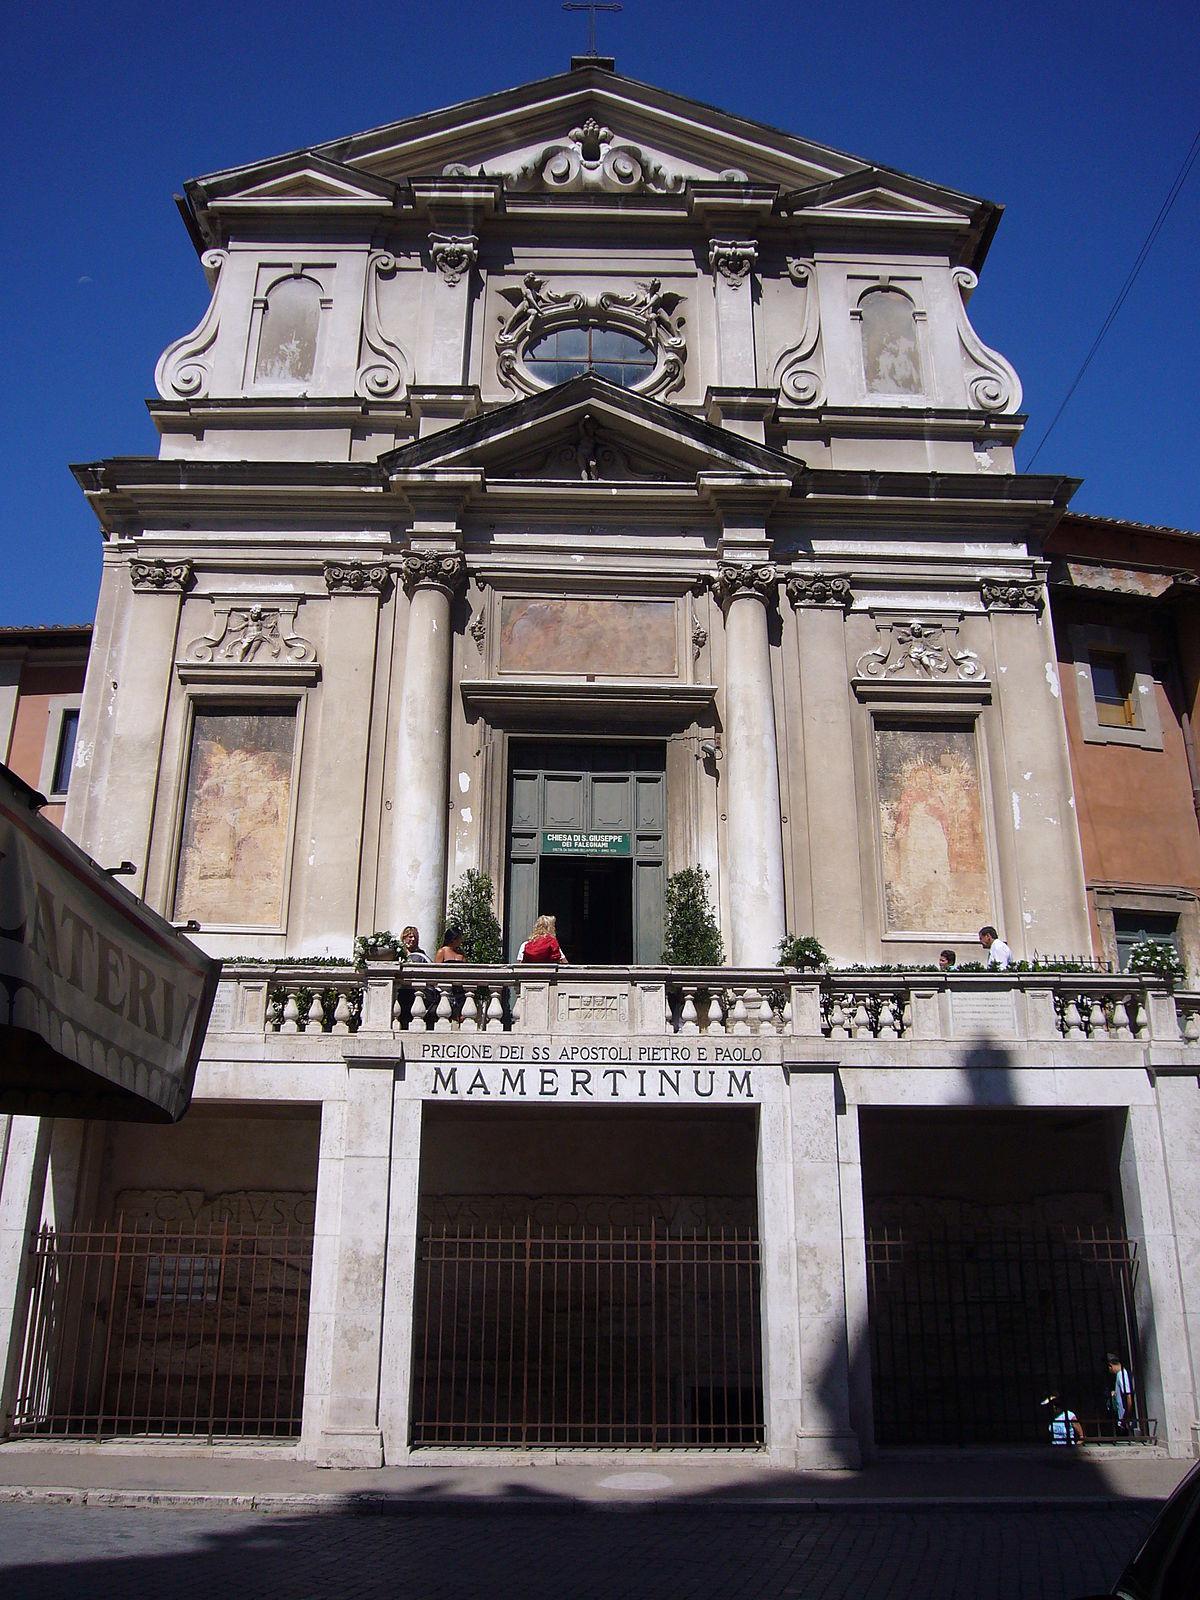 Carcere mamertino wikipedia for Di giuseppe arredamenti roma